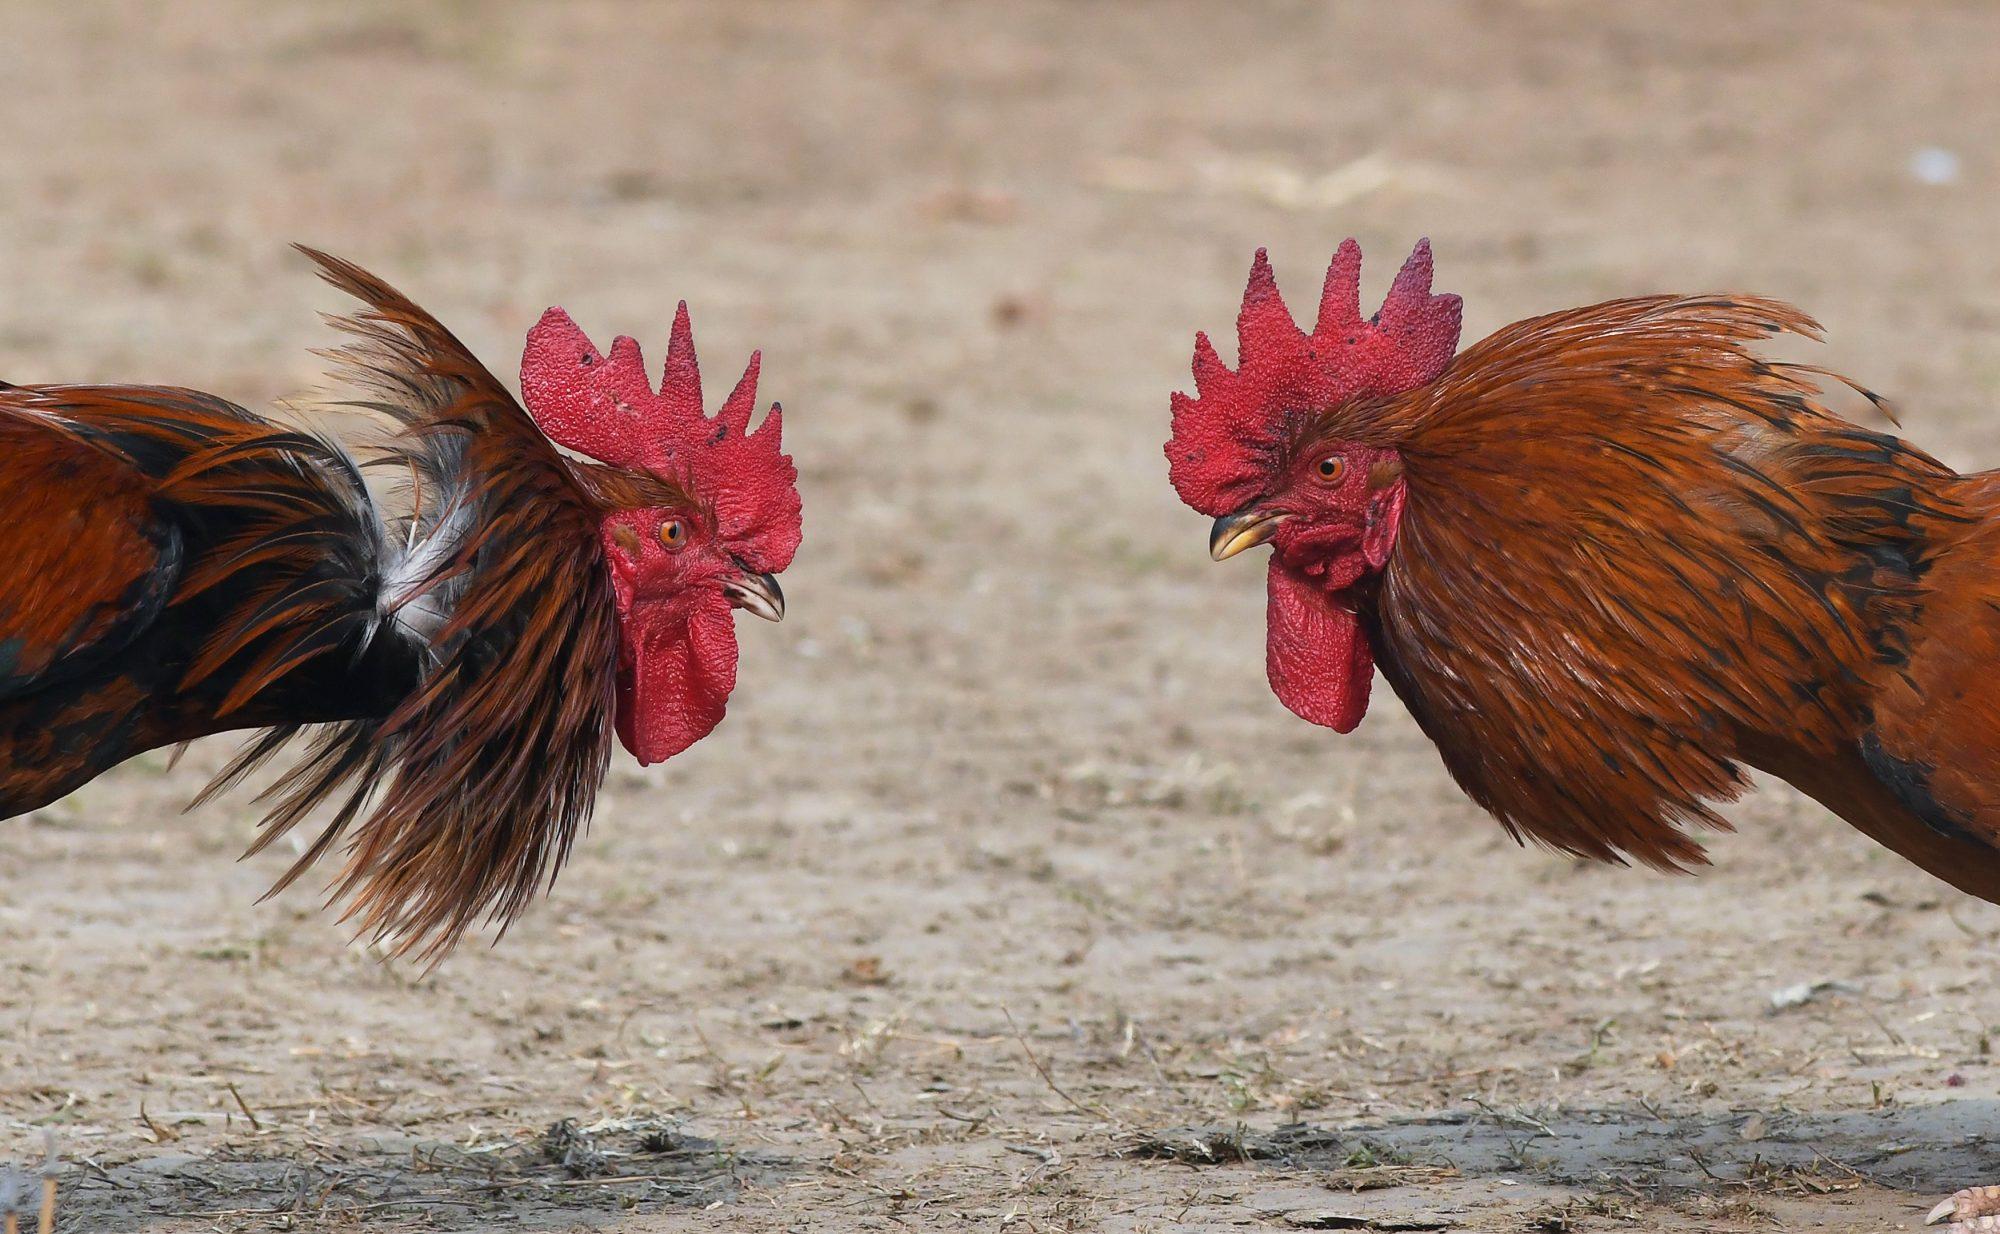 Gallo pelea